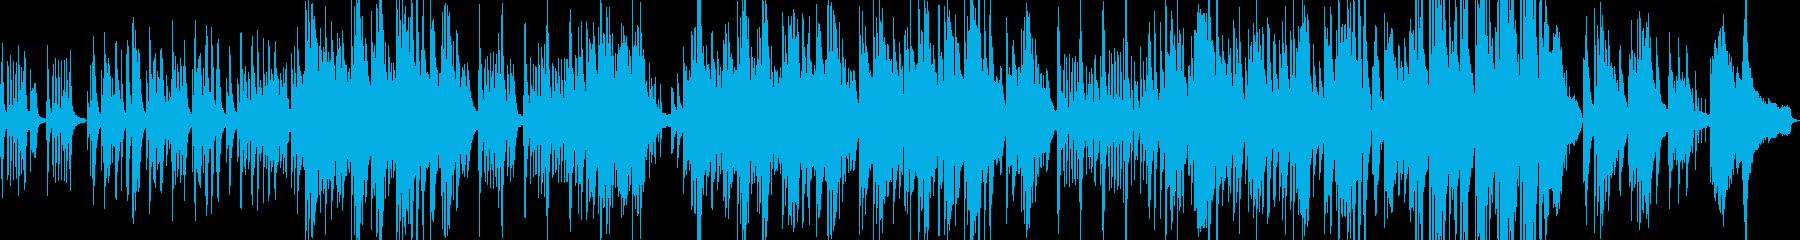 日本的な旋律の情緒的で和風なピアノソロの再生済みの波形